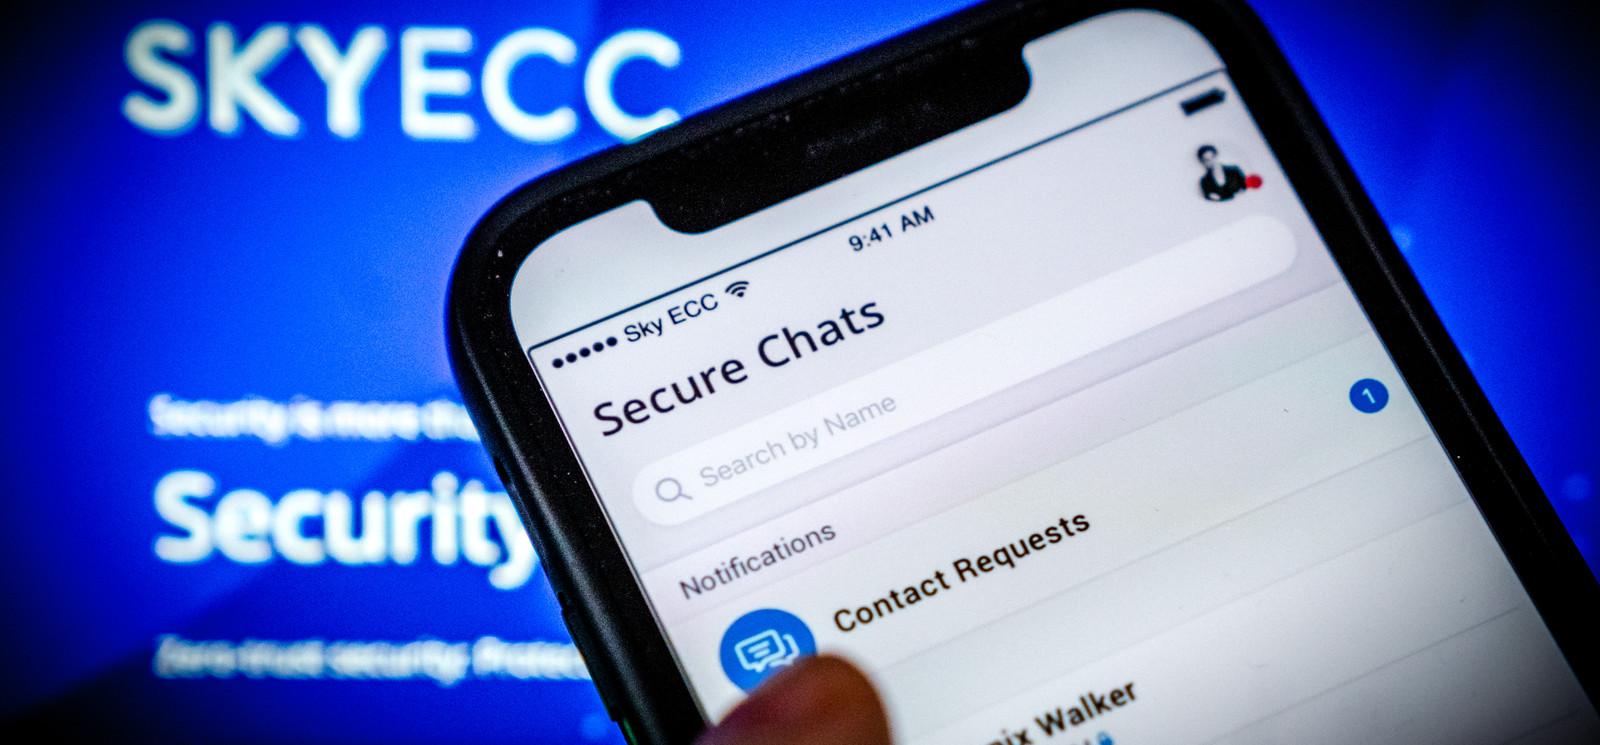 Een Sky ECC-cryptofoon bevat een app met een extra beveiligde chatdienst.